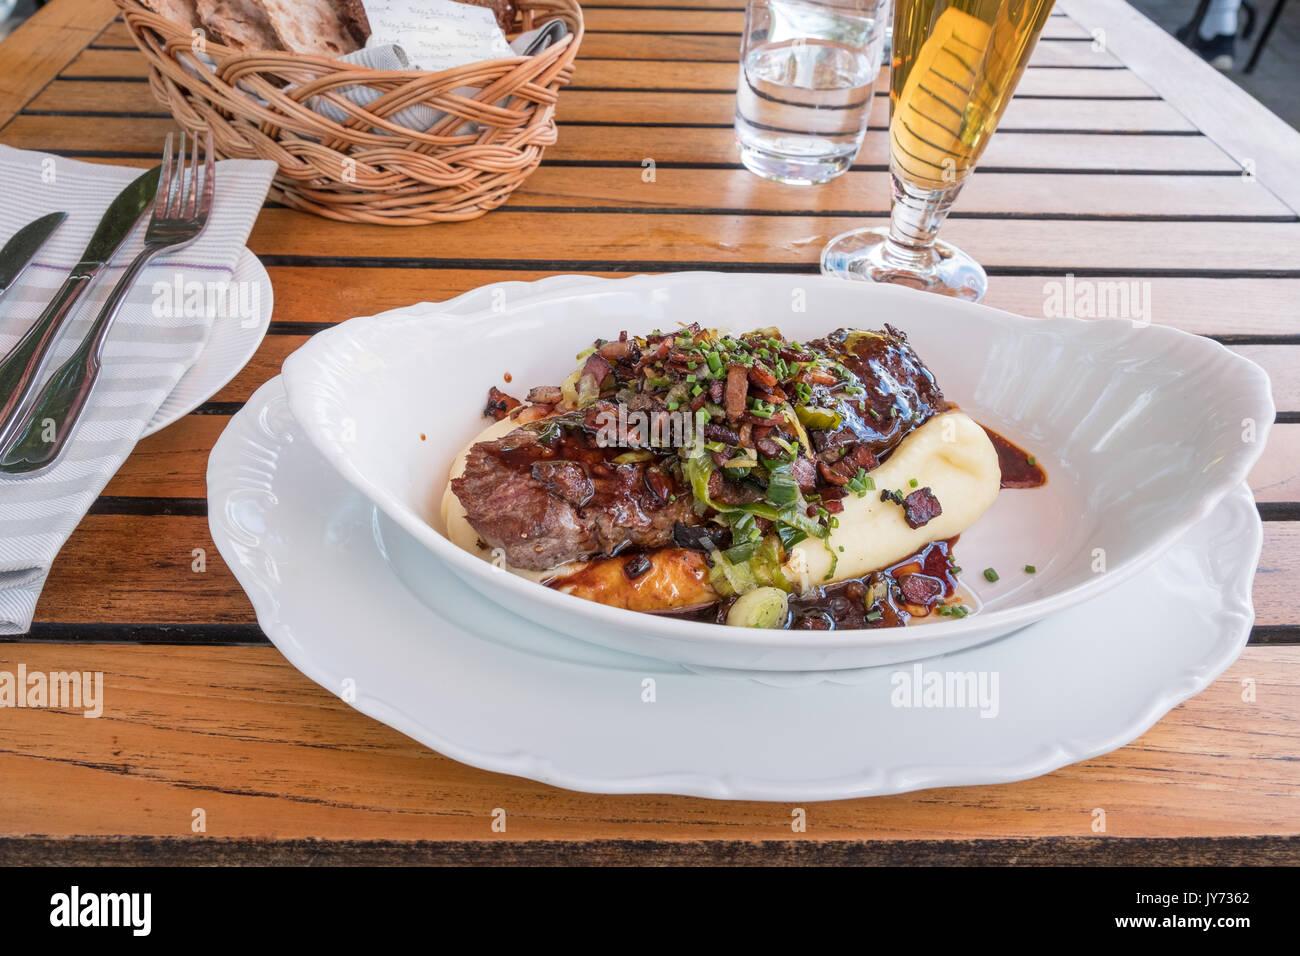 Shoemaker's box est un plat suédois traditionnel composé de boeuf servi sur une purée de pommes de terre avec la sauce et garnir de dés de bacon haché et pièce Photo Stock